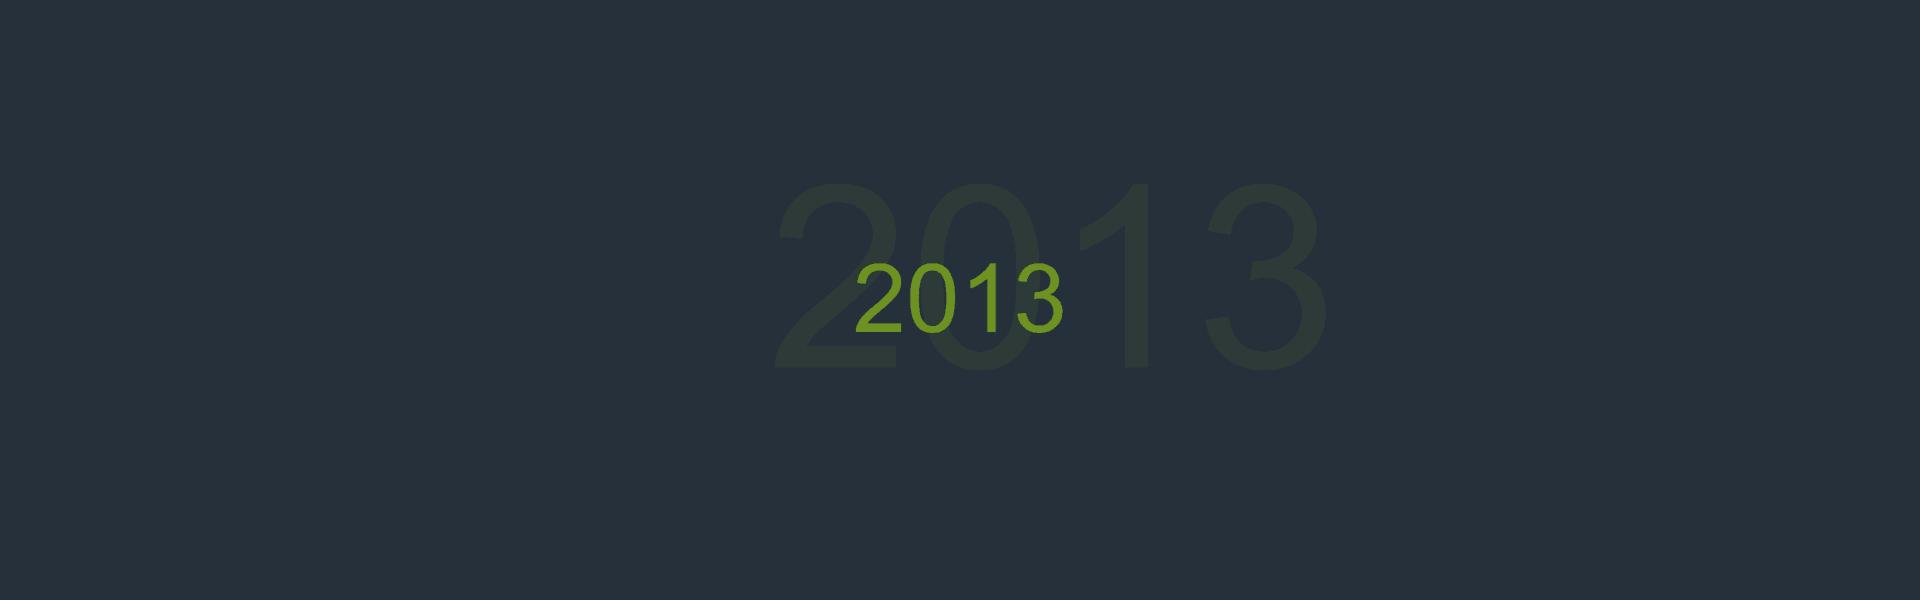 SEO-Konferenzen im Jahr 2013